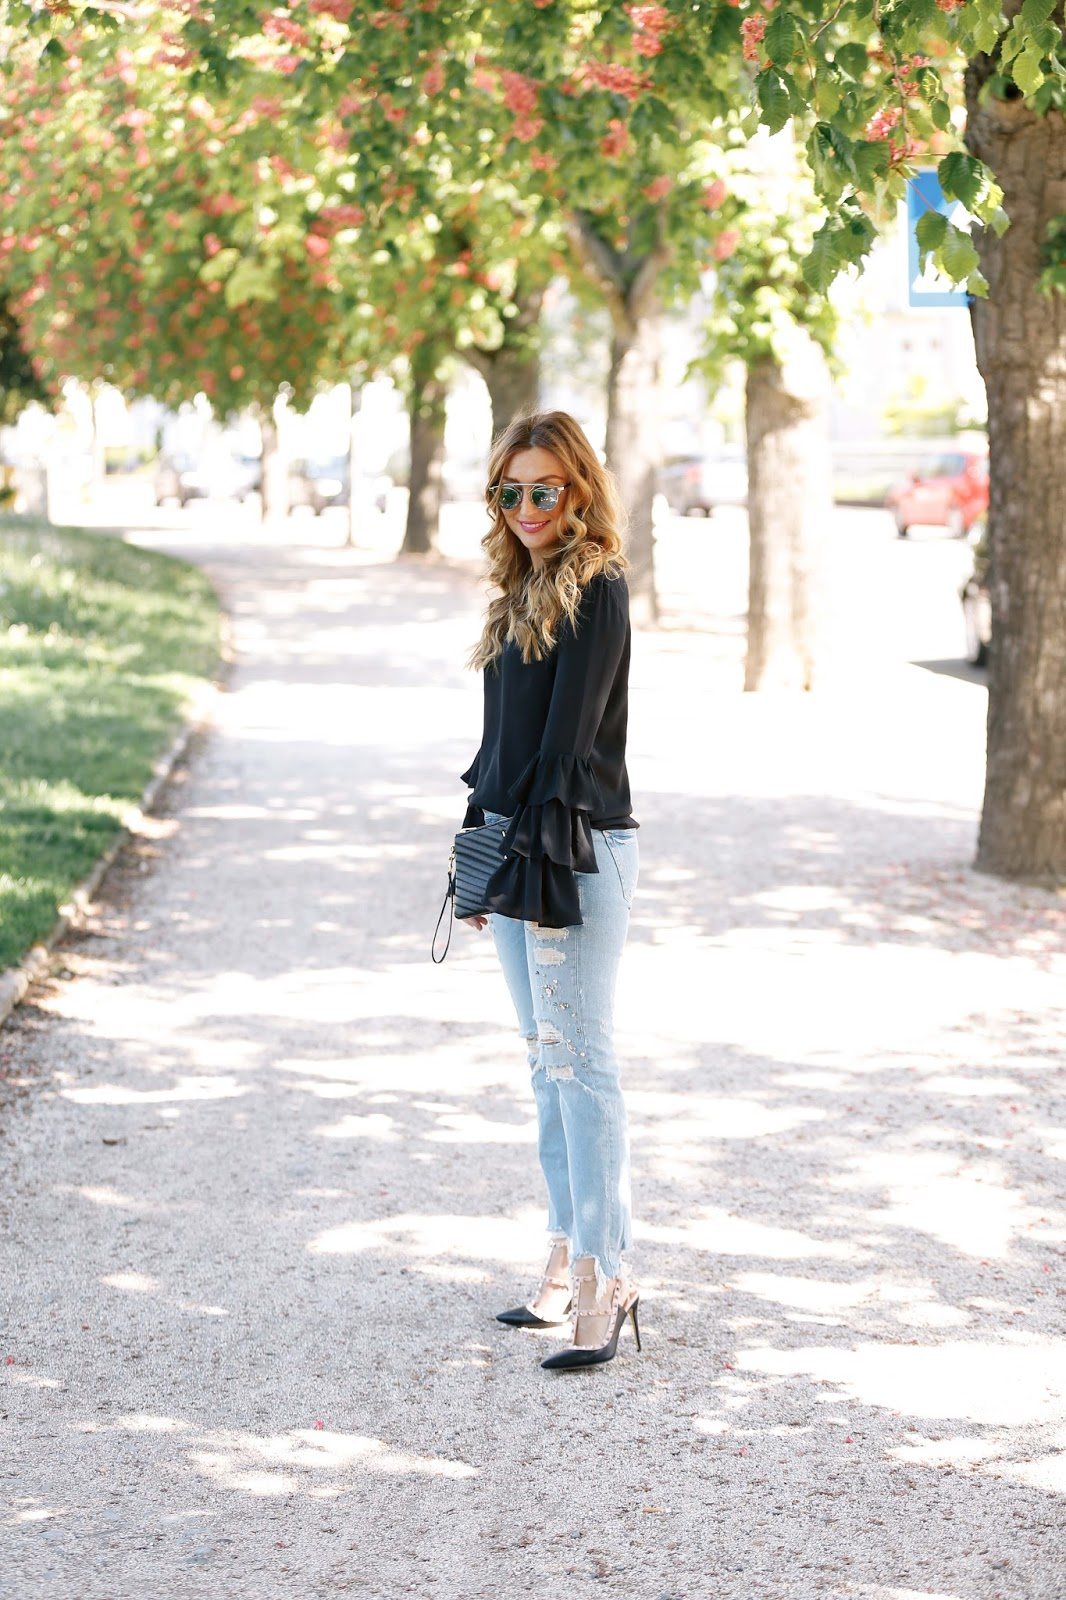 Kenzas-style-Fashionstylebyjohanna-deutsche-fashionblogger-ysl-tasche-schwarze-saint-laurant-tasche-blogger-bloggerstyle-blogger-aus-deutschland-deutsche-fashionblogger-zara-jeans-jeans-mit-perlene-ripped-jeans-chi